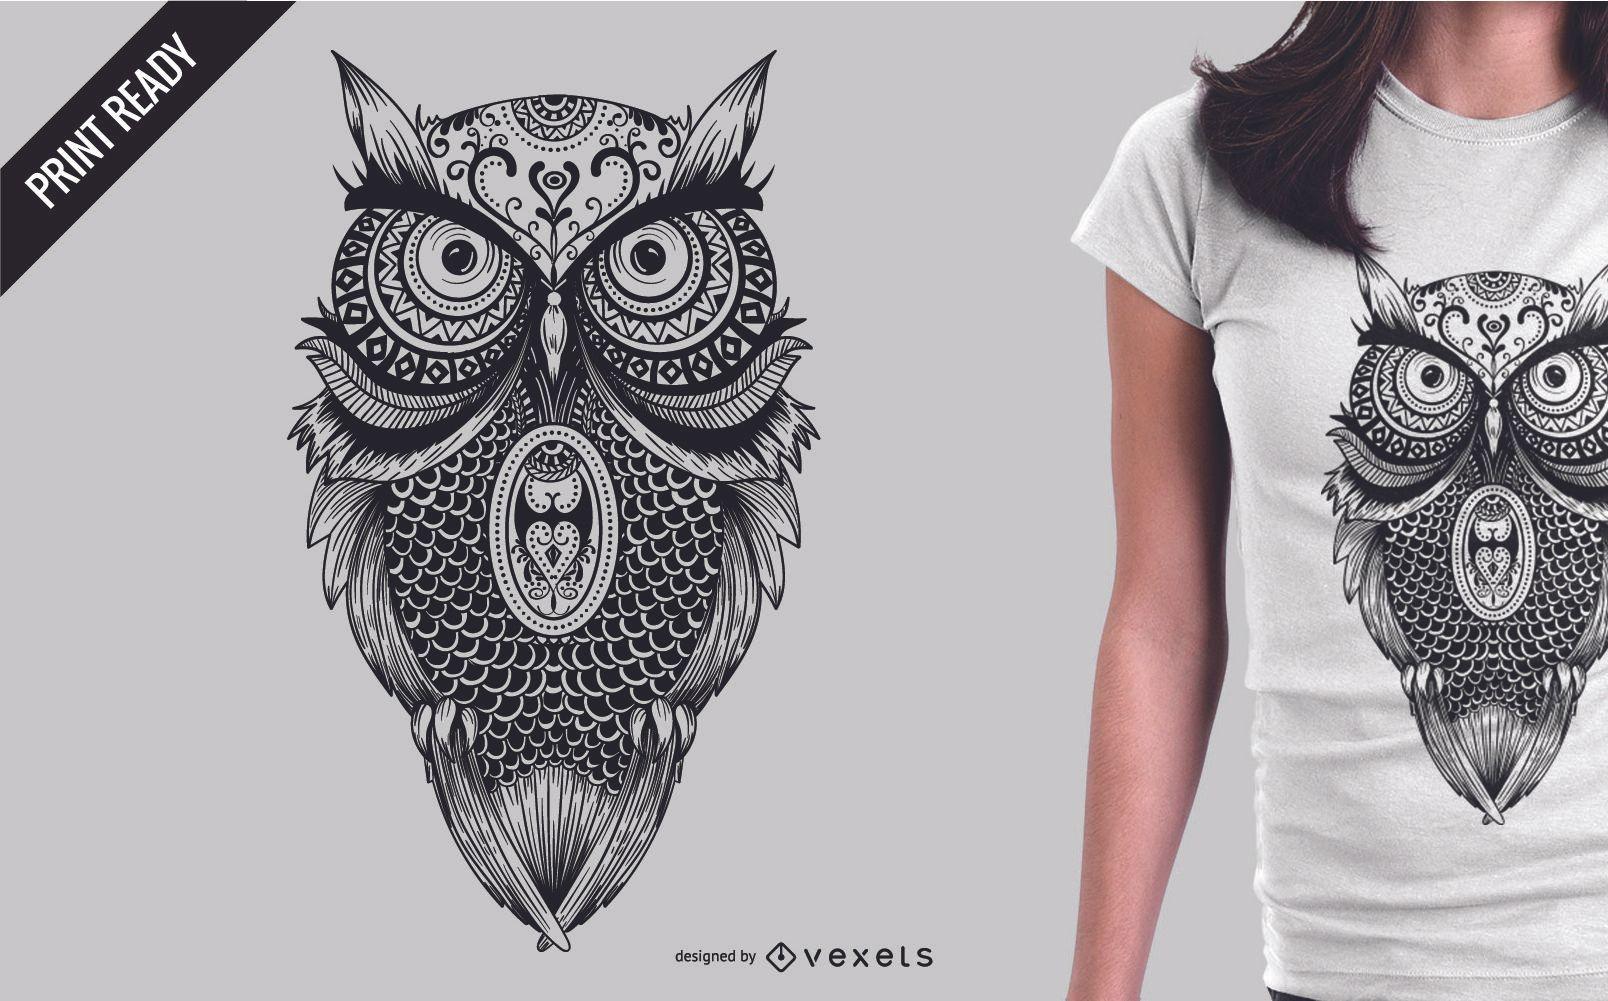 Dise?o de camiseta de ilustraci?n de b?ho mandala